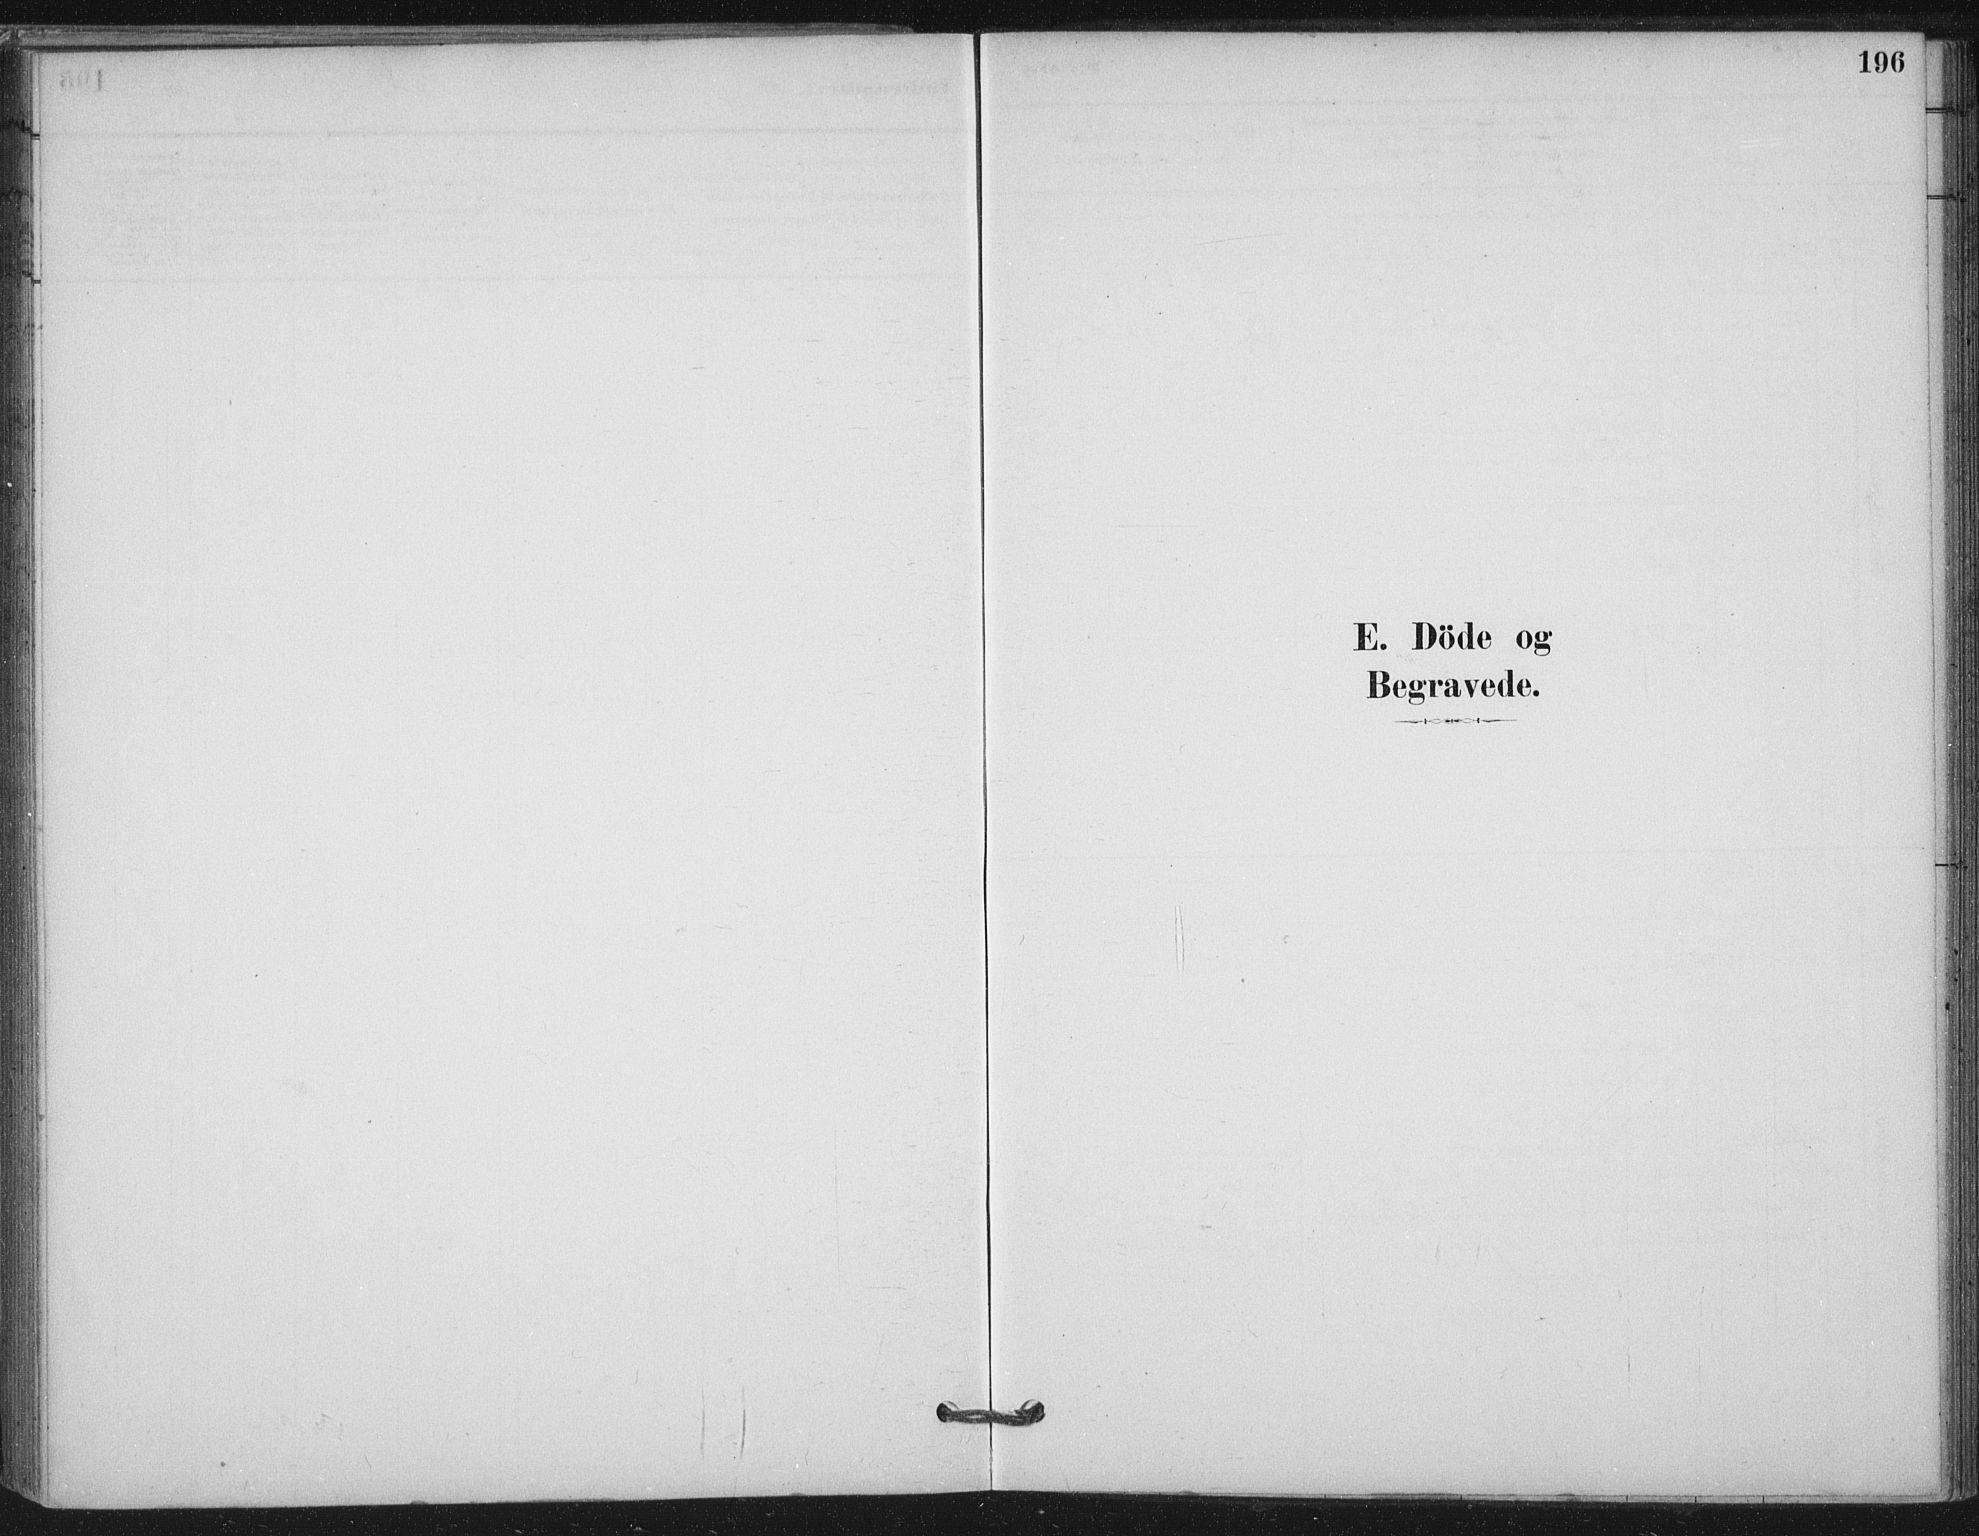 SAT, Ministerialprotokoller, klokkerbøker og fødselsregistre - Nord-Trøndelag, 710/L0095: Ministerialbok nr. 710A01, 1880-1914, s. 196